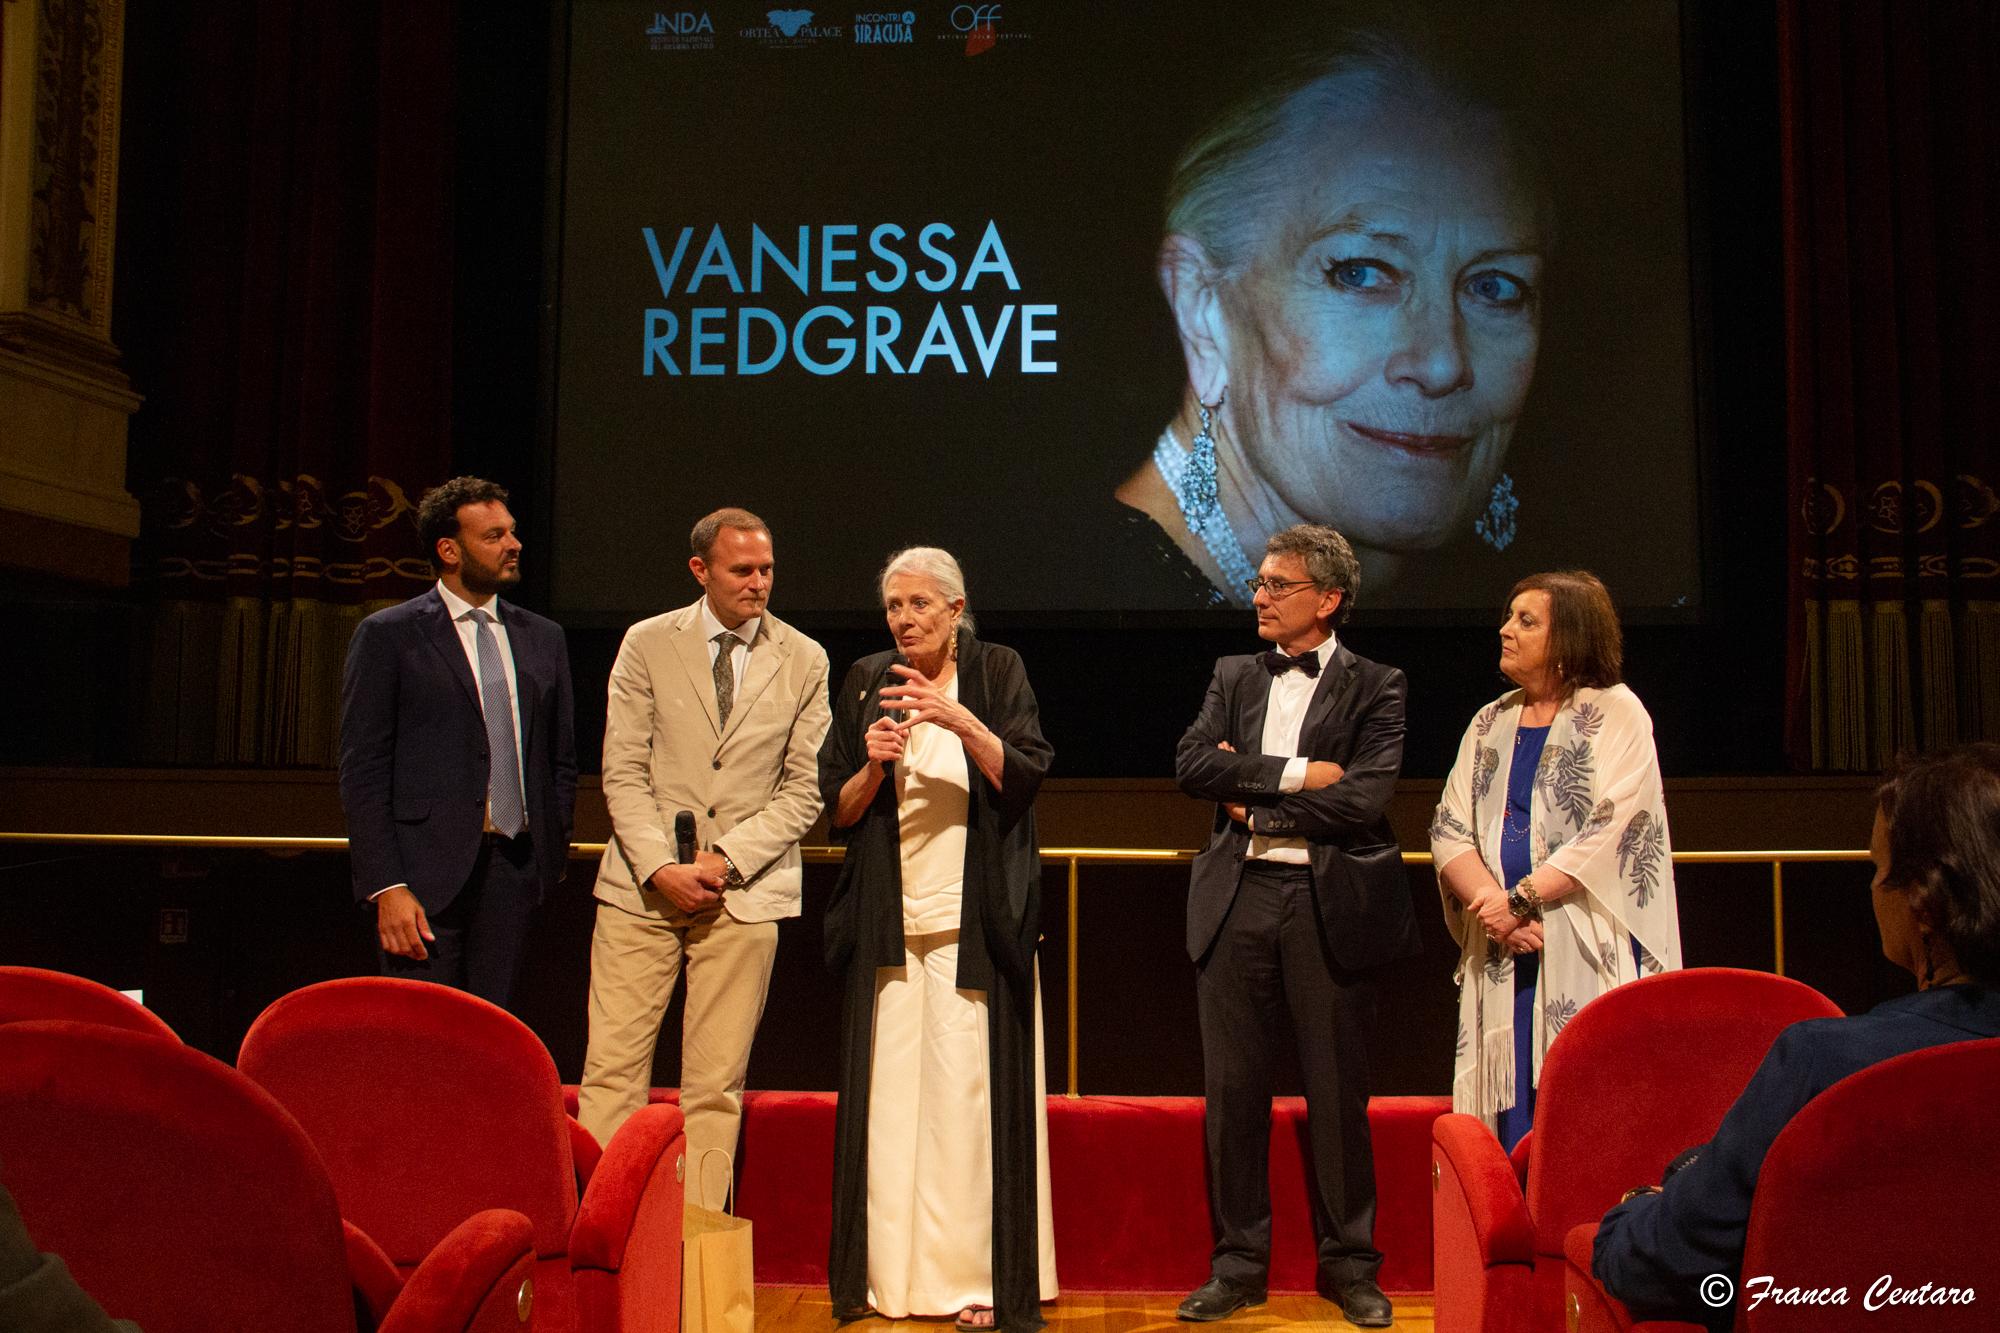 Vanessa Redgrave Eschilo d'oro 2019: le foto della conferenza stampa e della serata al Teatro comunale di Siracusa